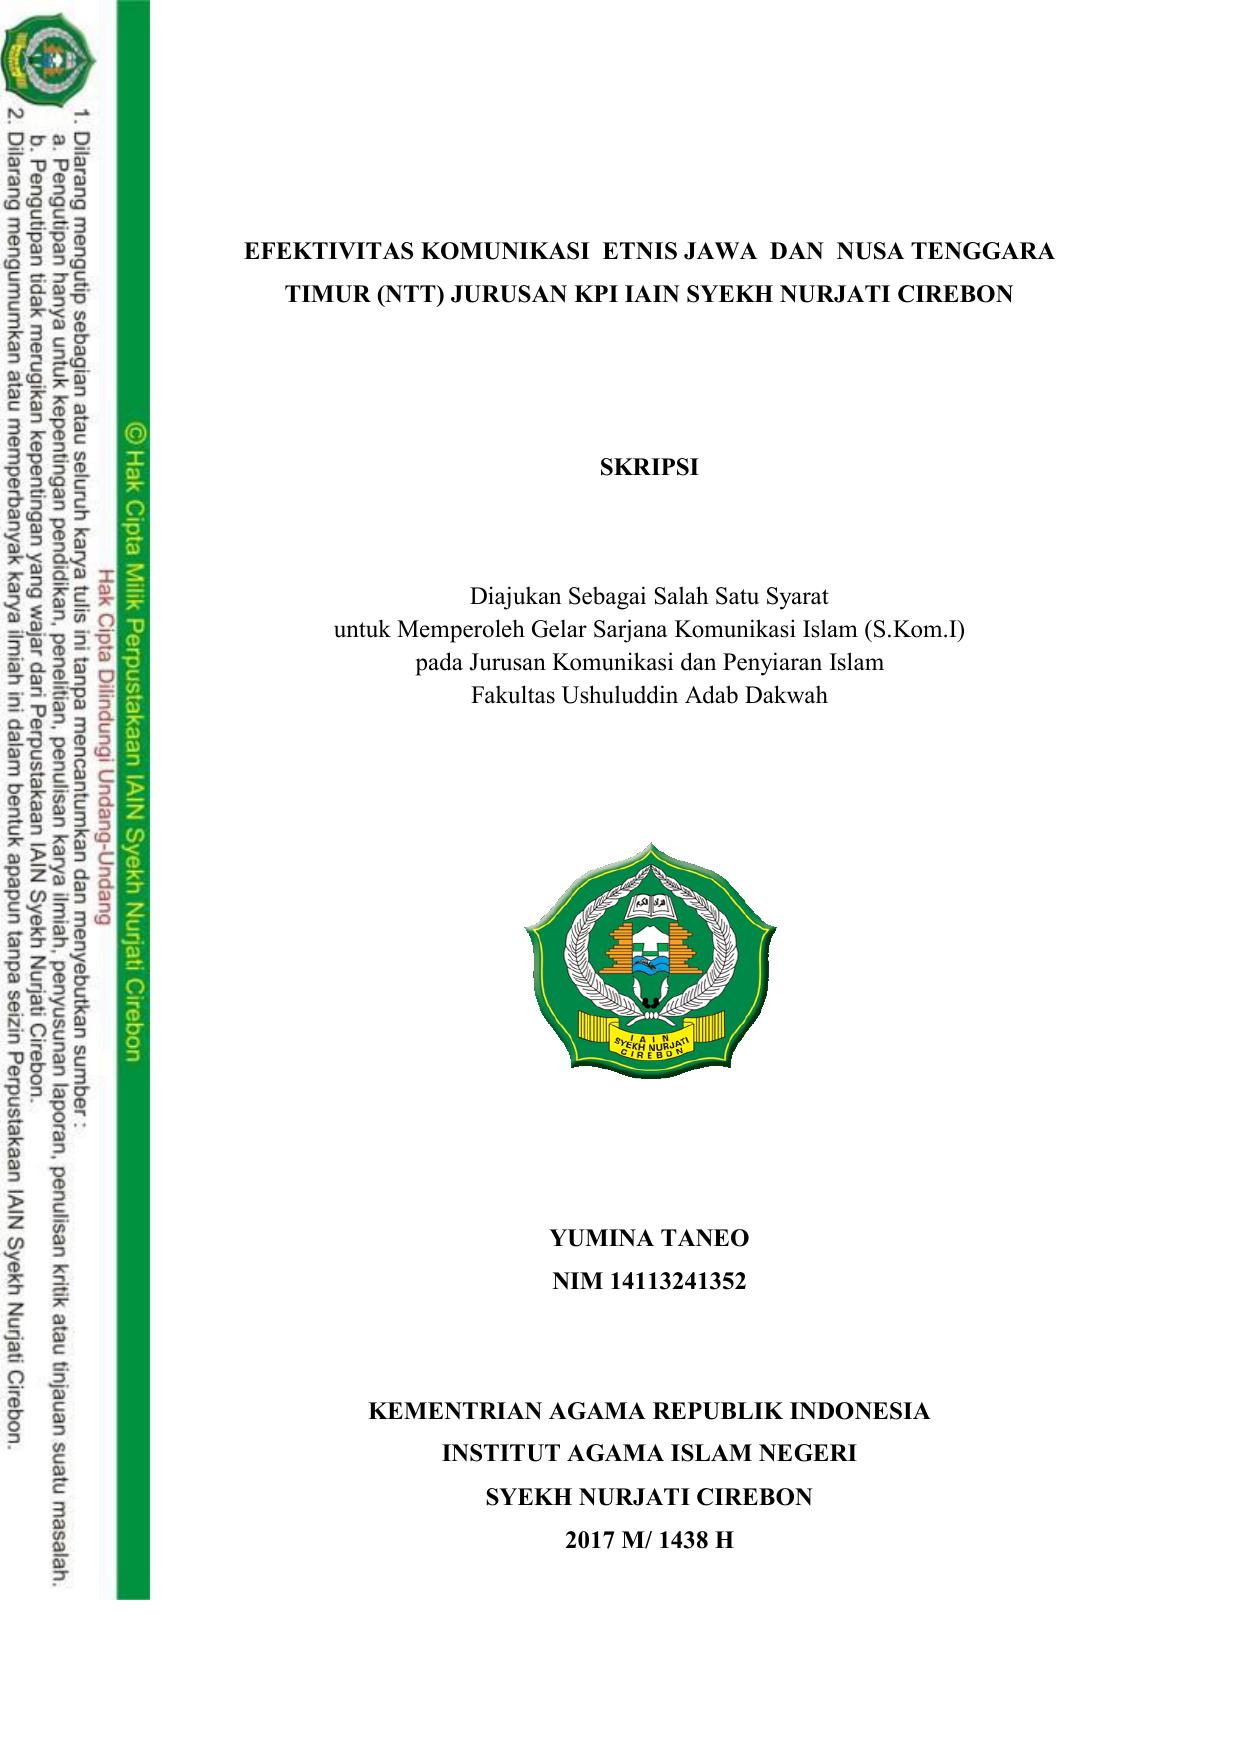 Efektivitas Komunikasi Etnis Jawa Dan Nusa Tenggara